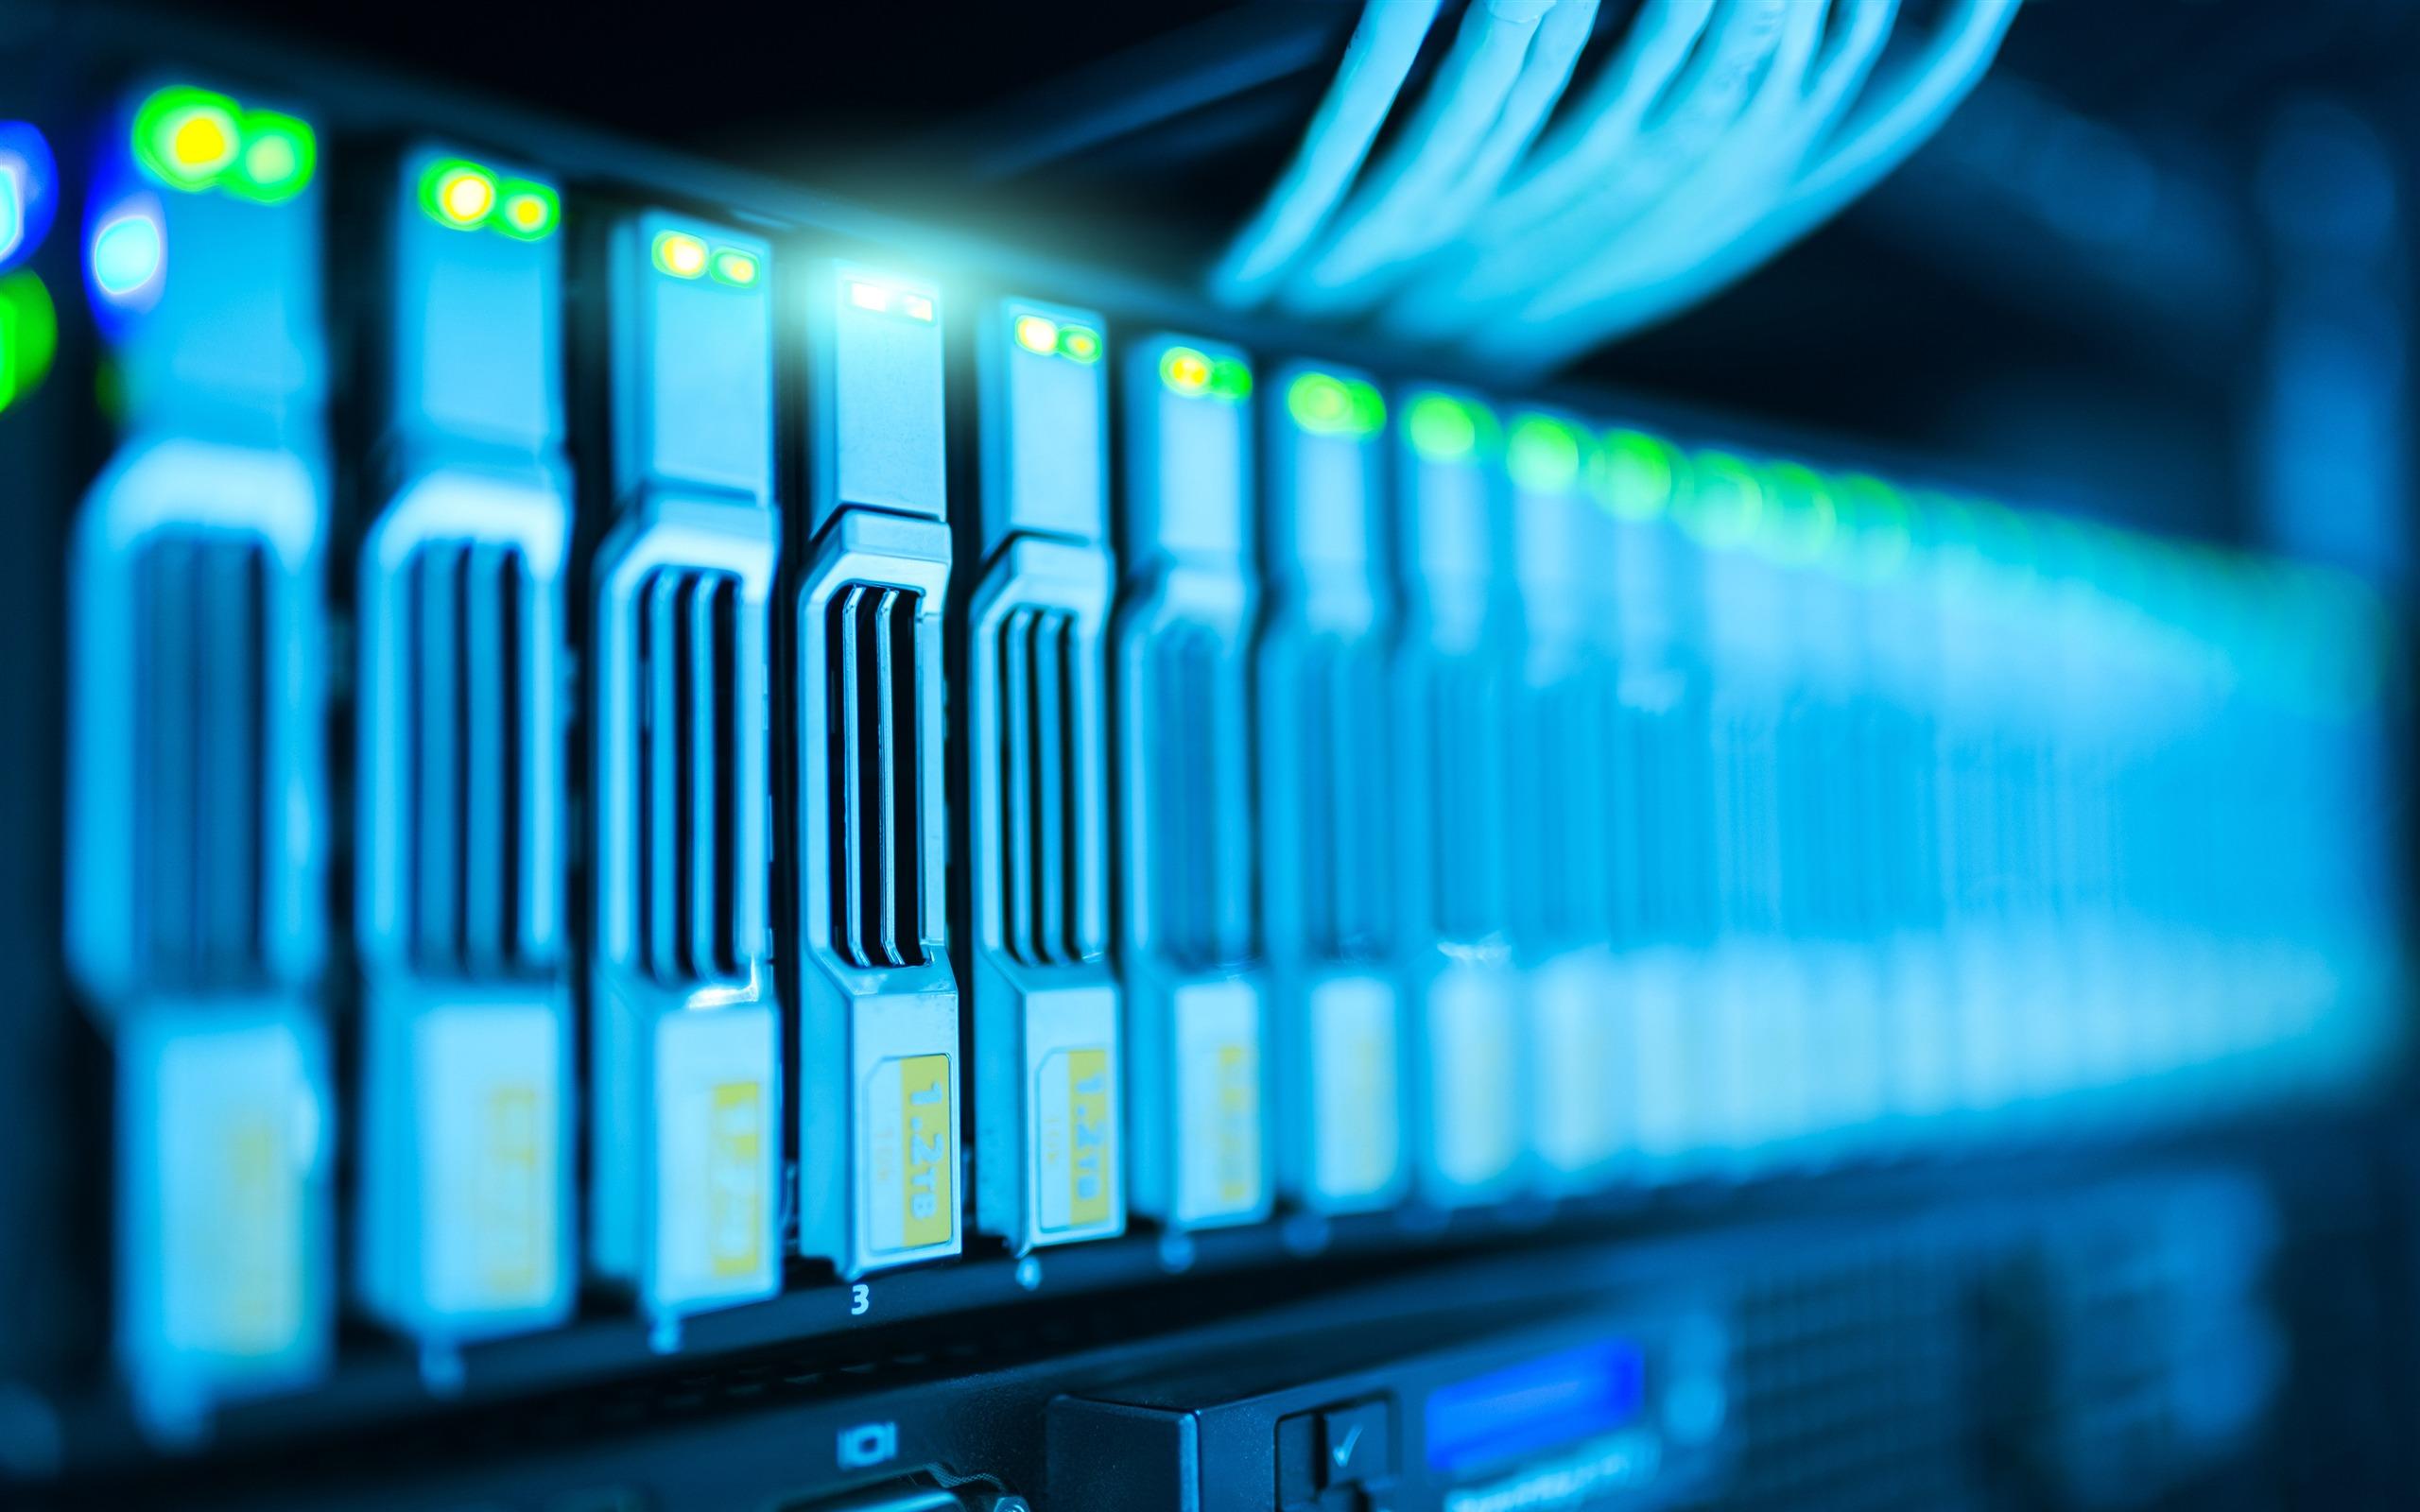 Bandwidth Computer Network Signal Light Closeup Preview